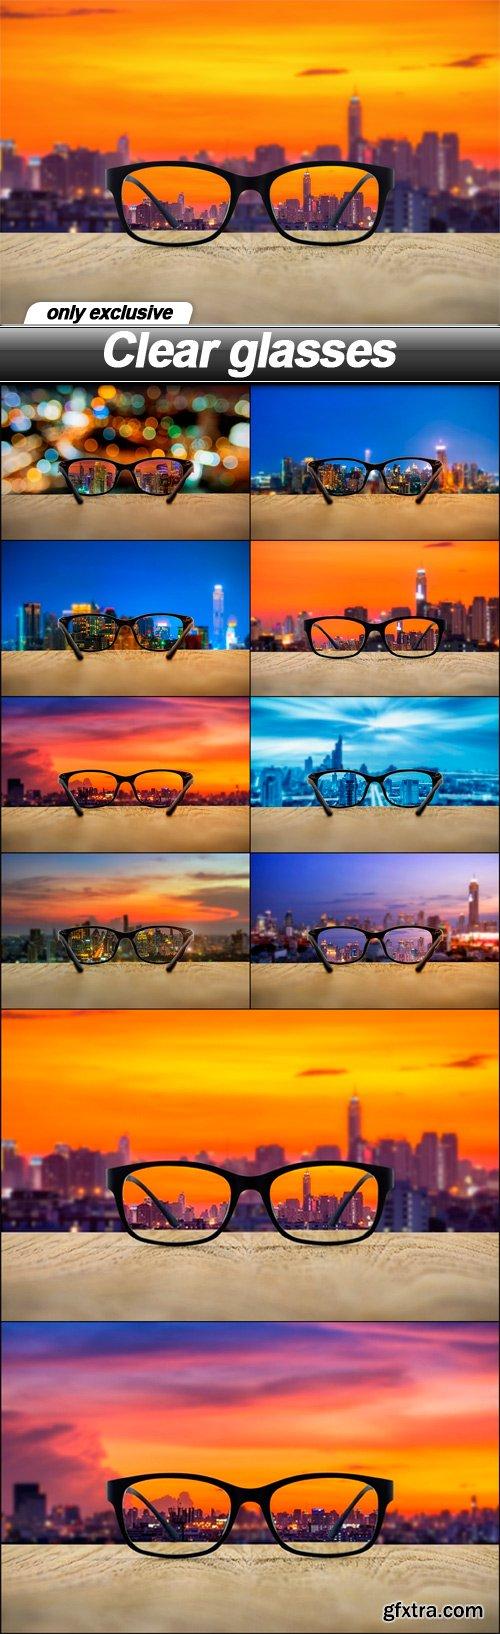 Clear glasses - 10 UHQ JPEG